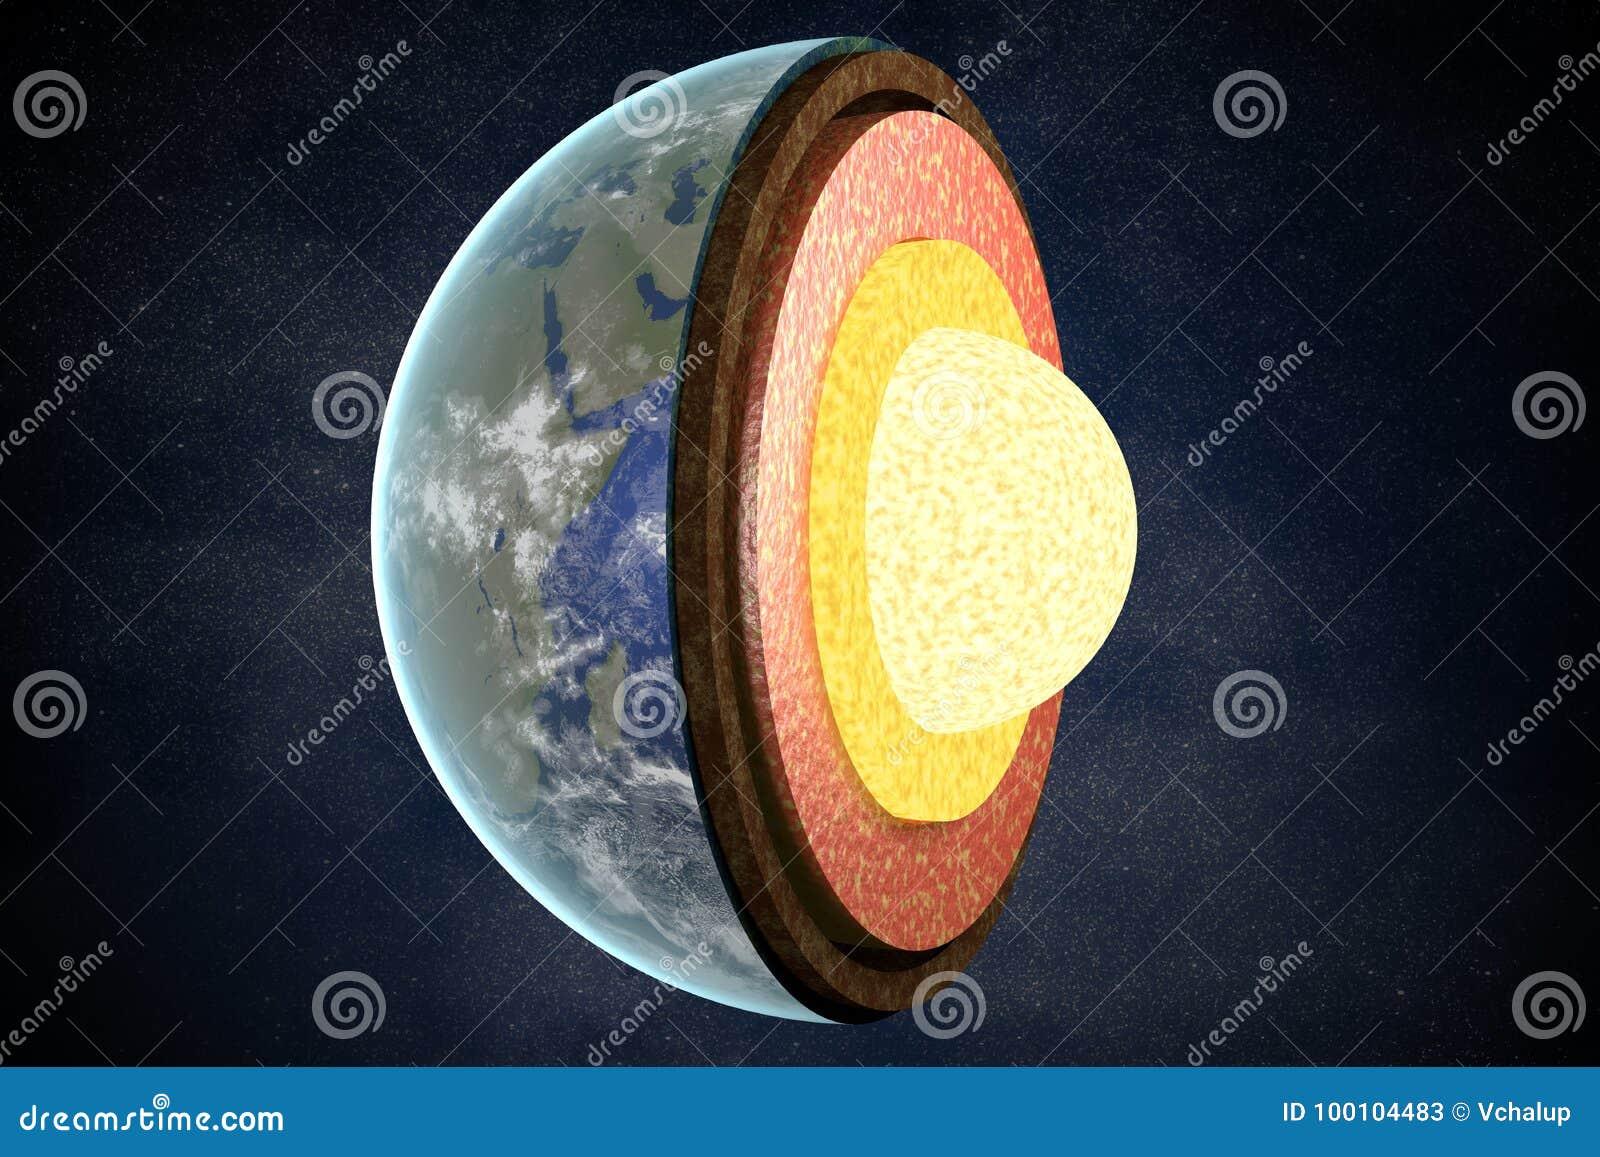 Ziemi struktura i warstwy ilustracja pozbawione 3 d